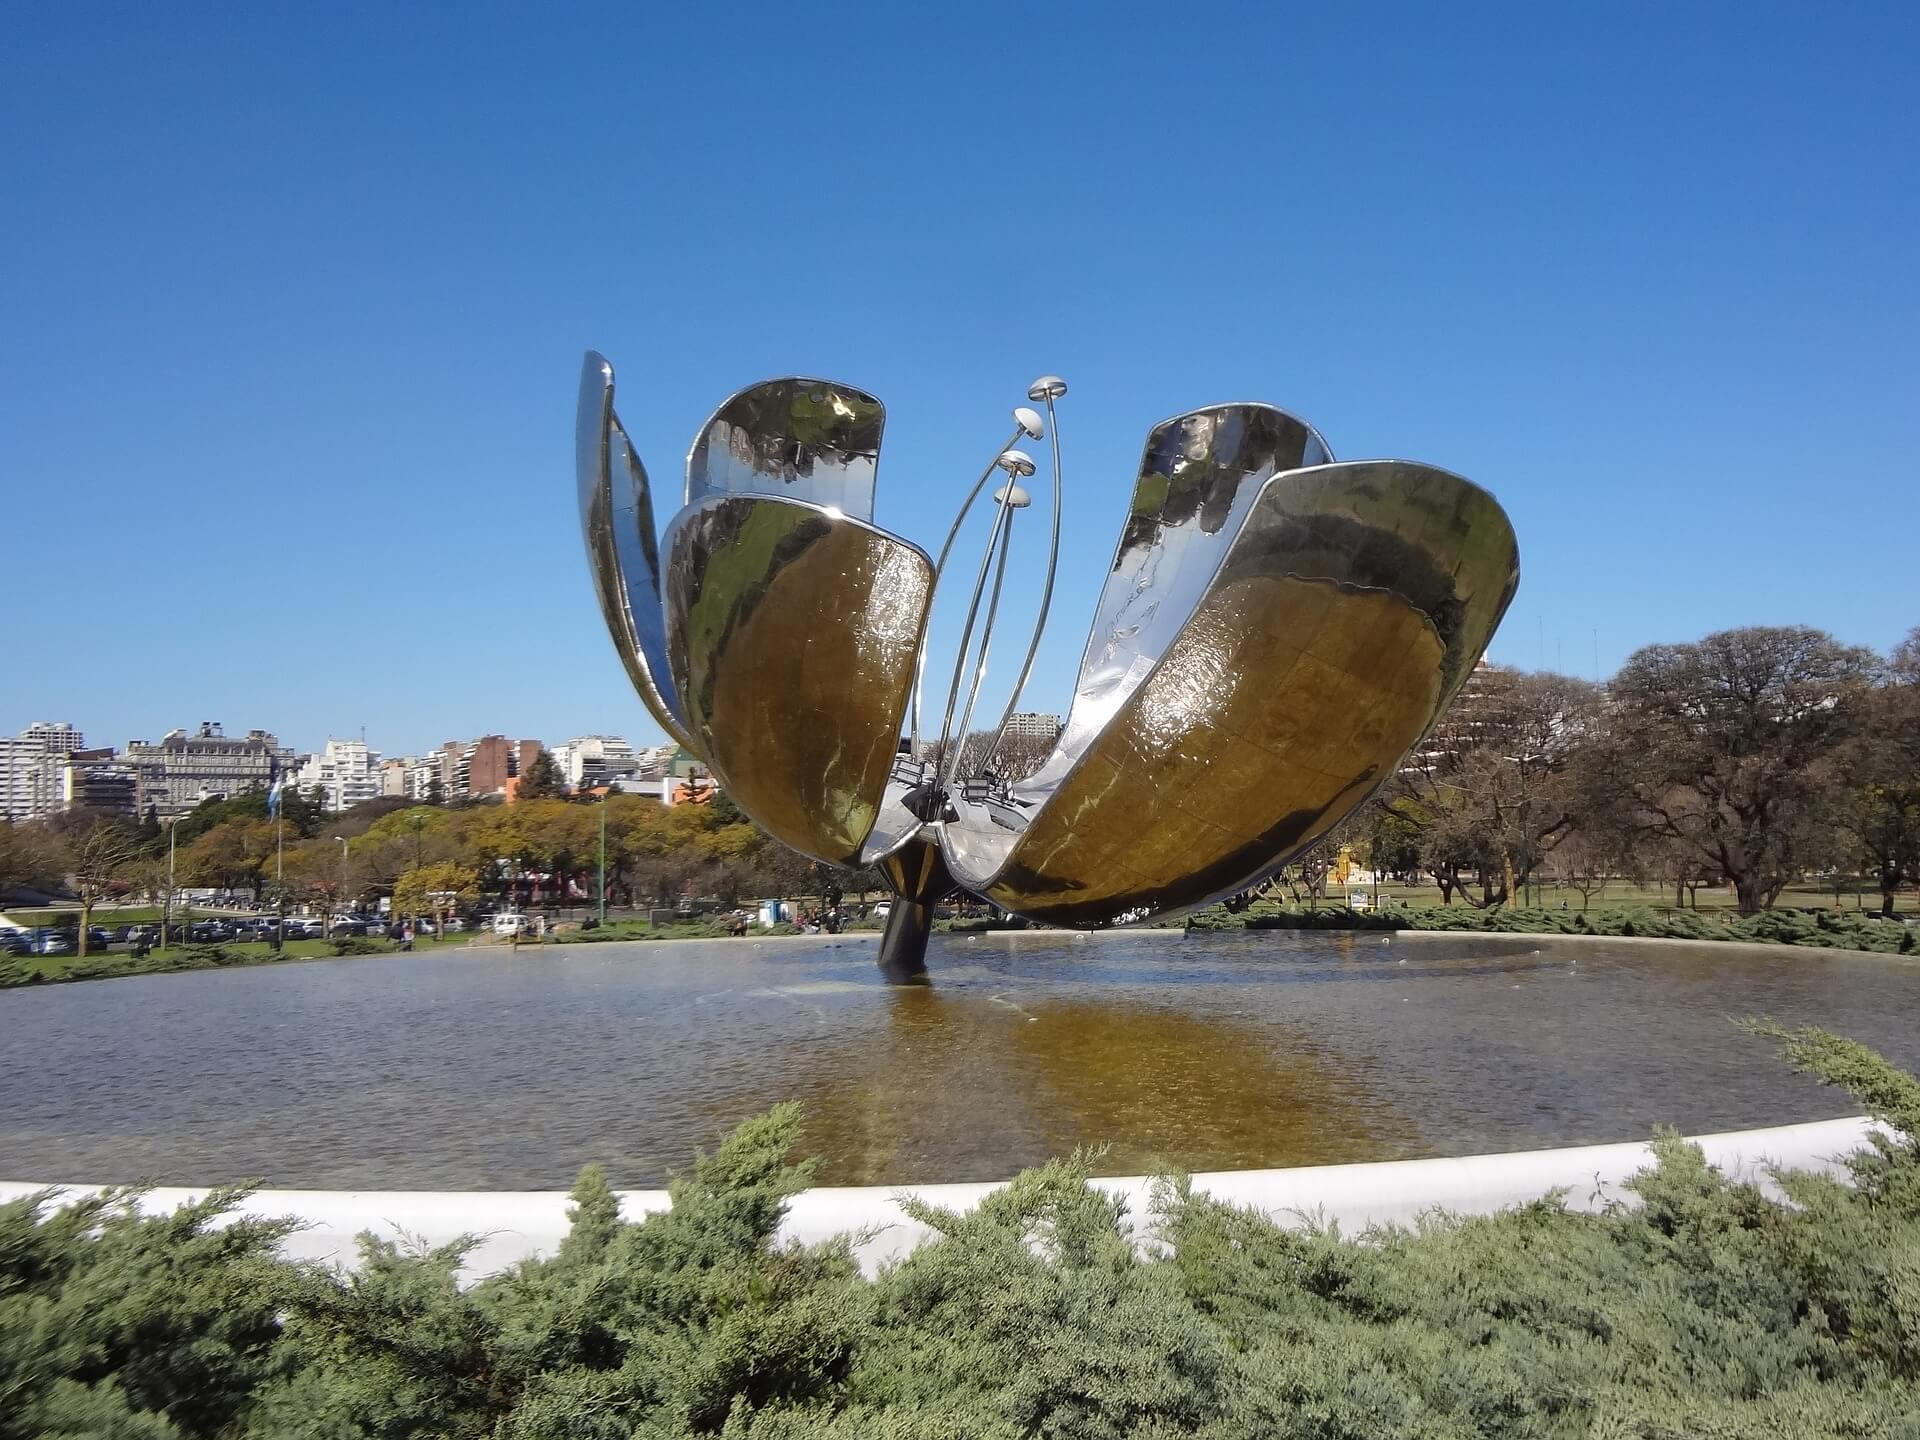 floralis pontos turísticos de Buenos Aires